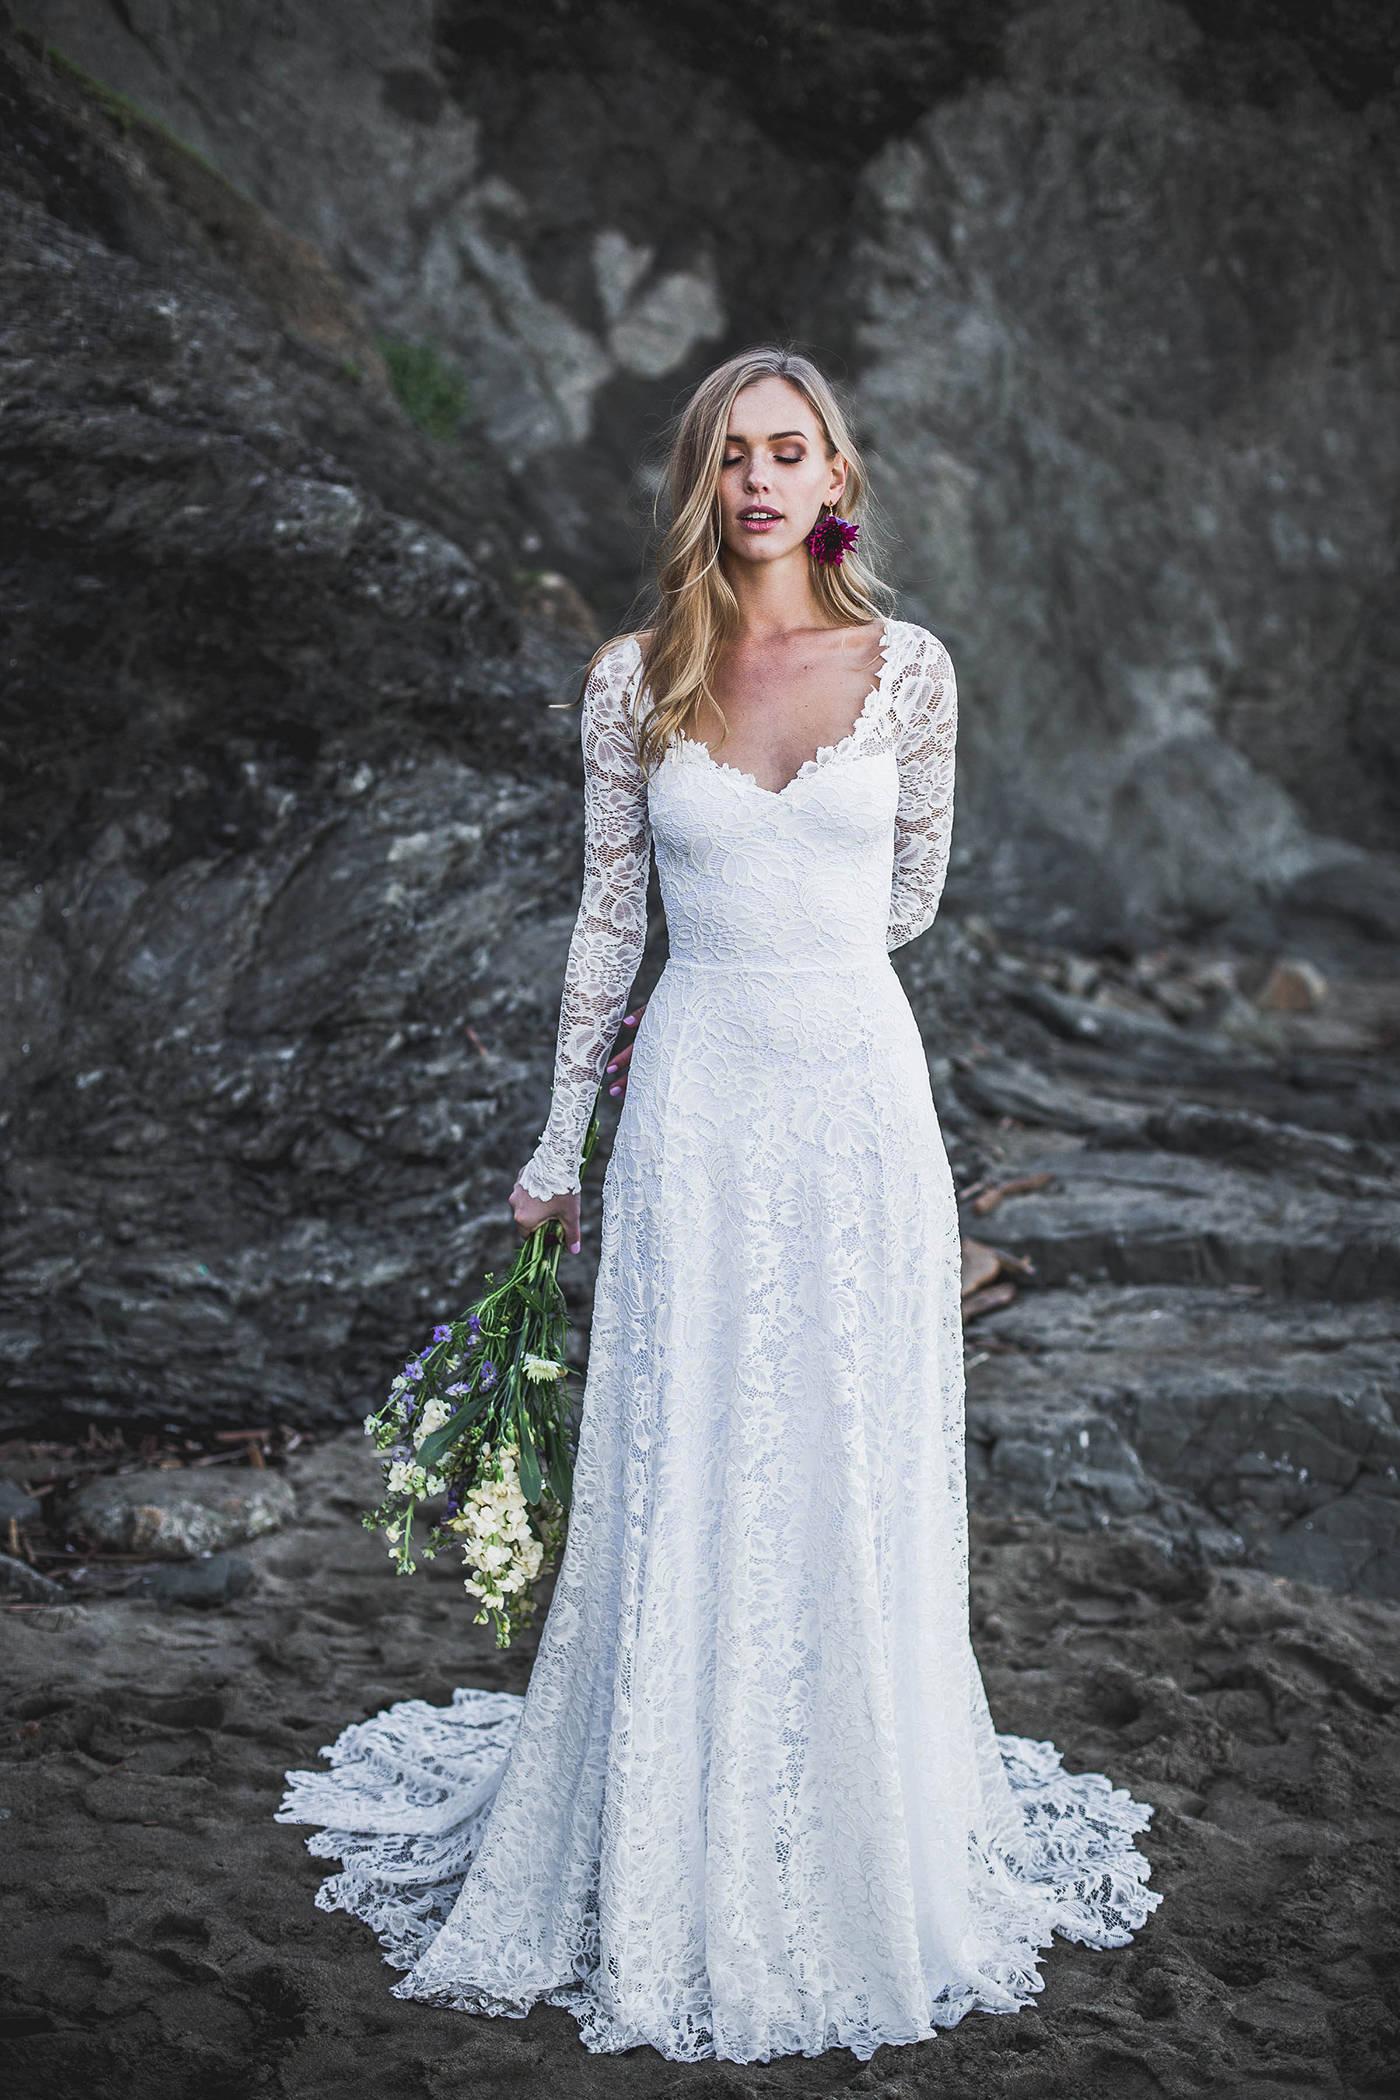 b574571e8fff5 Open Back Wedding Dress Sweetheart neckline Long Sleeve   Etsy